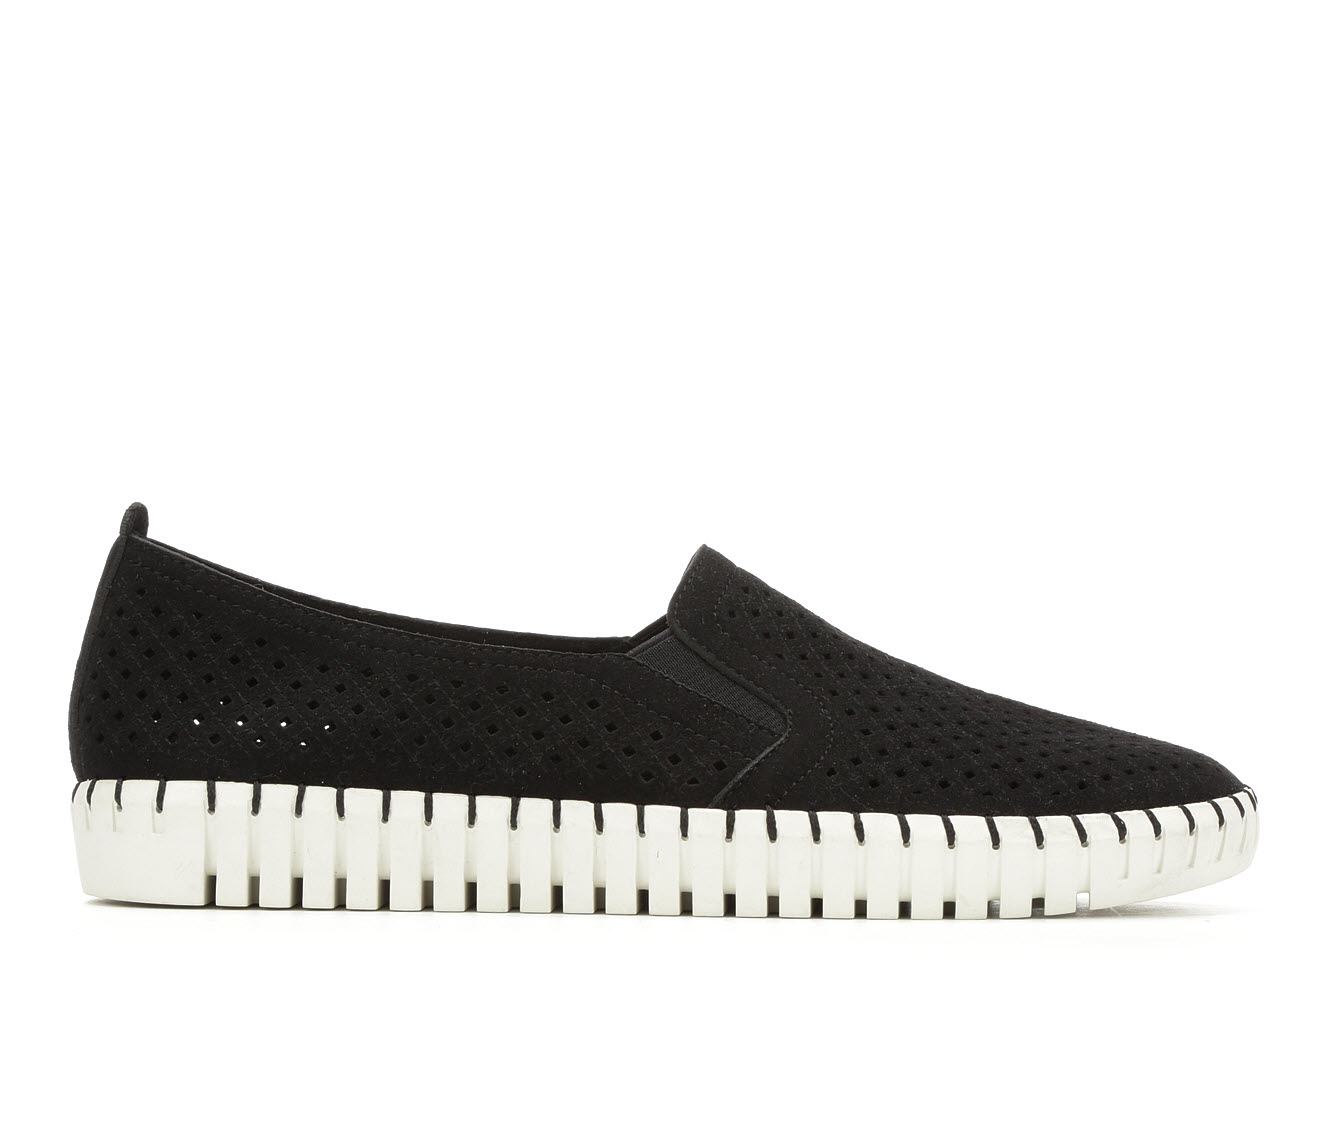 Skechers A La Mode 23967 Women's Shoe (Black Canvas)